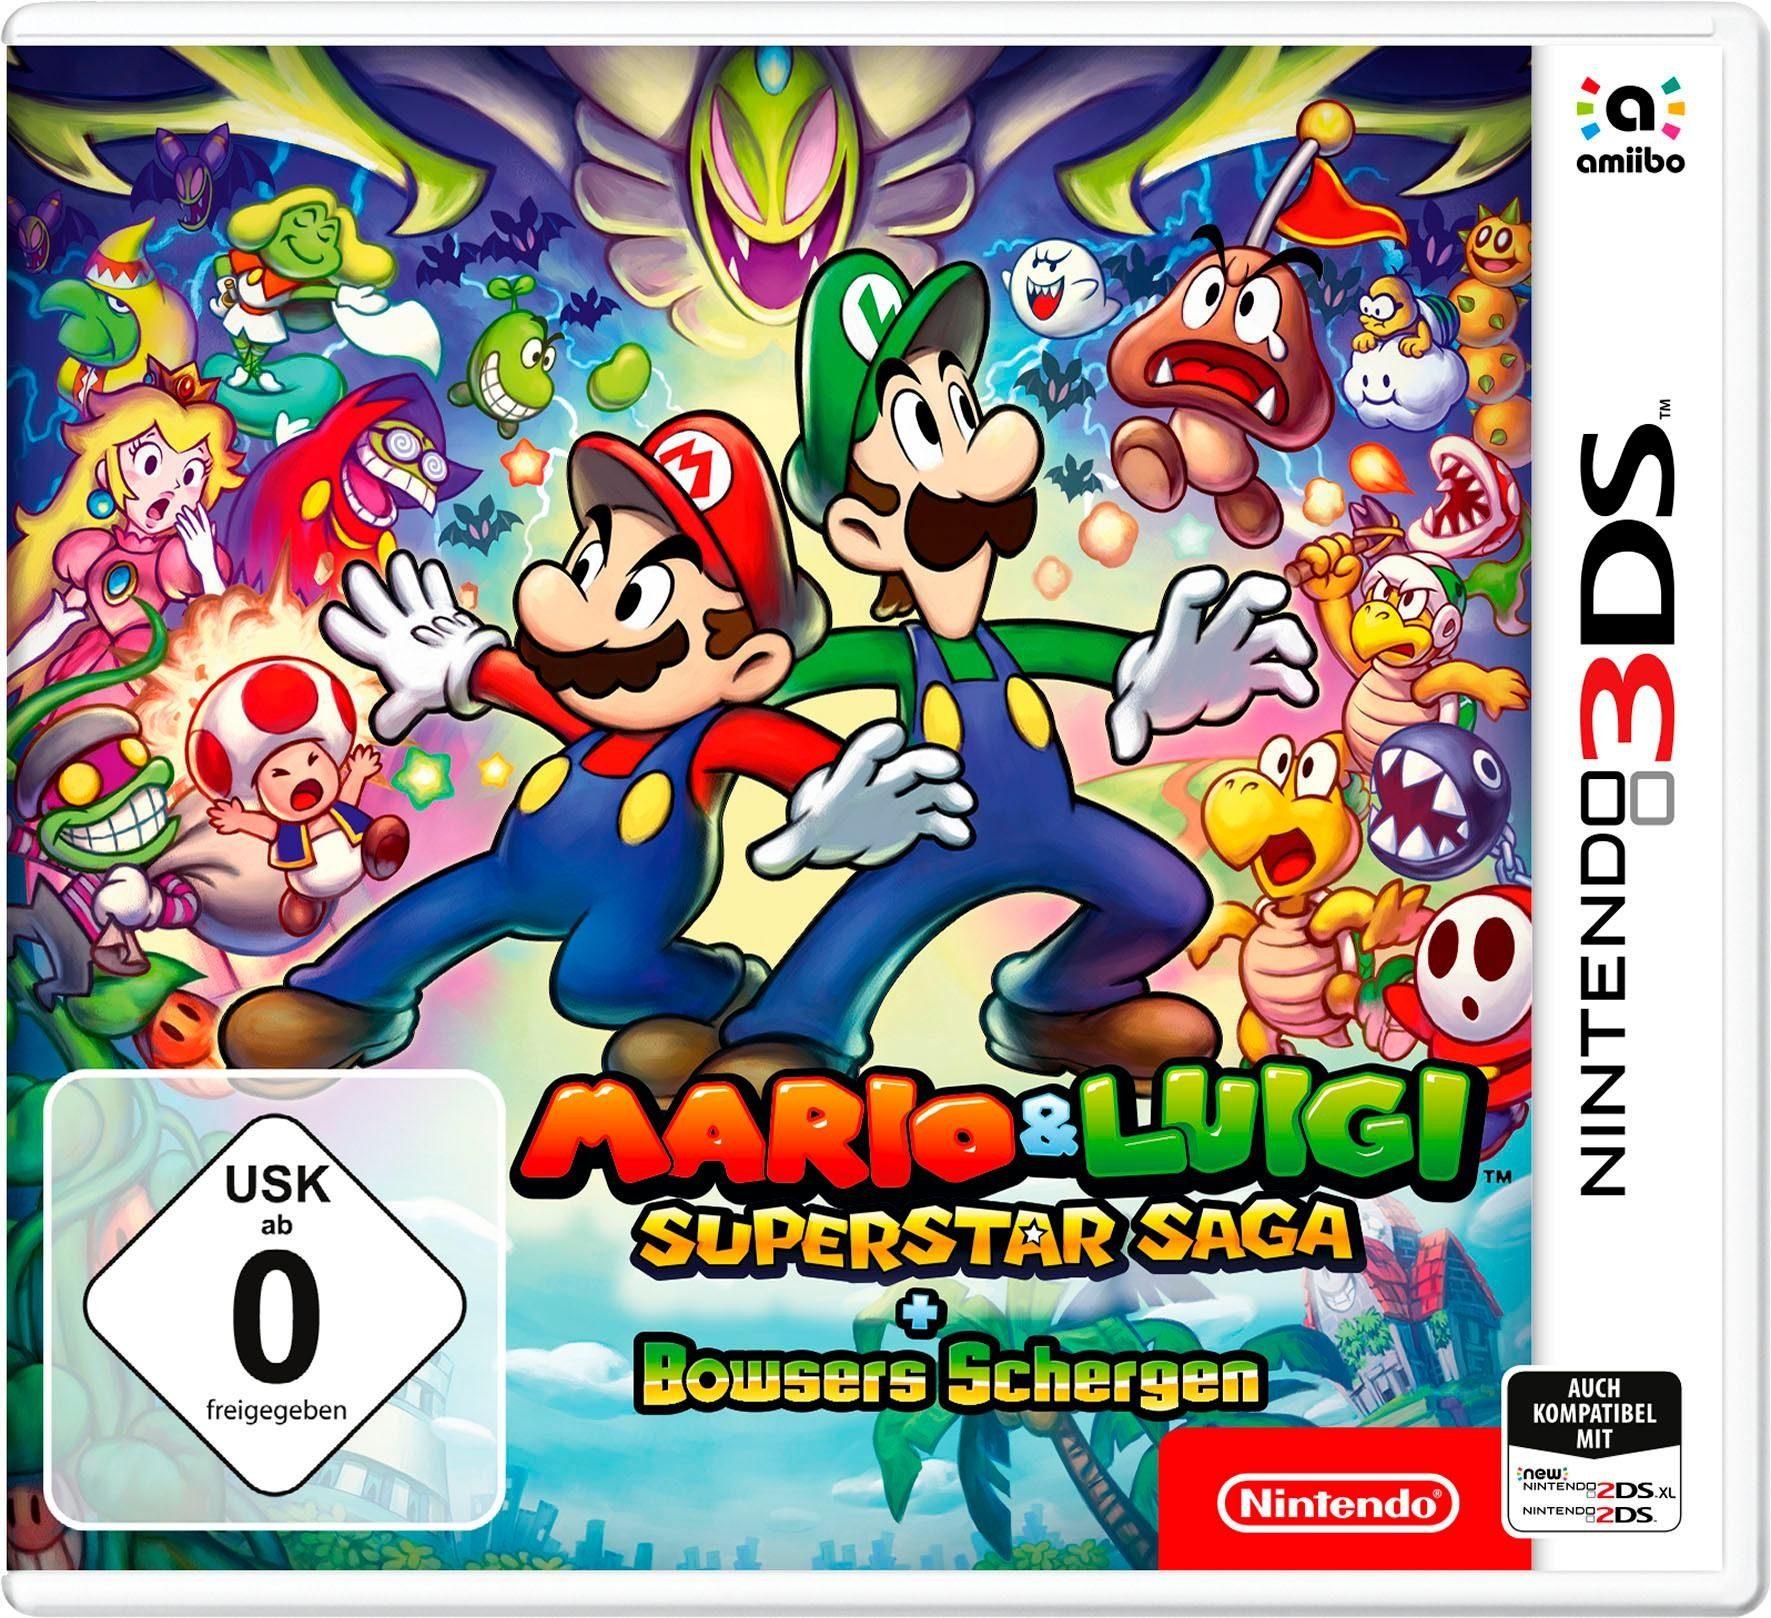 Mario & Luigi: Super Star Saga + Bowsers Schergen Nintendo 3DS